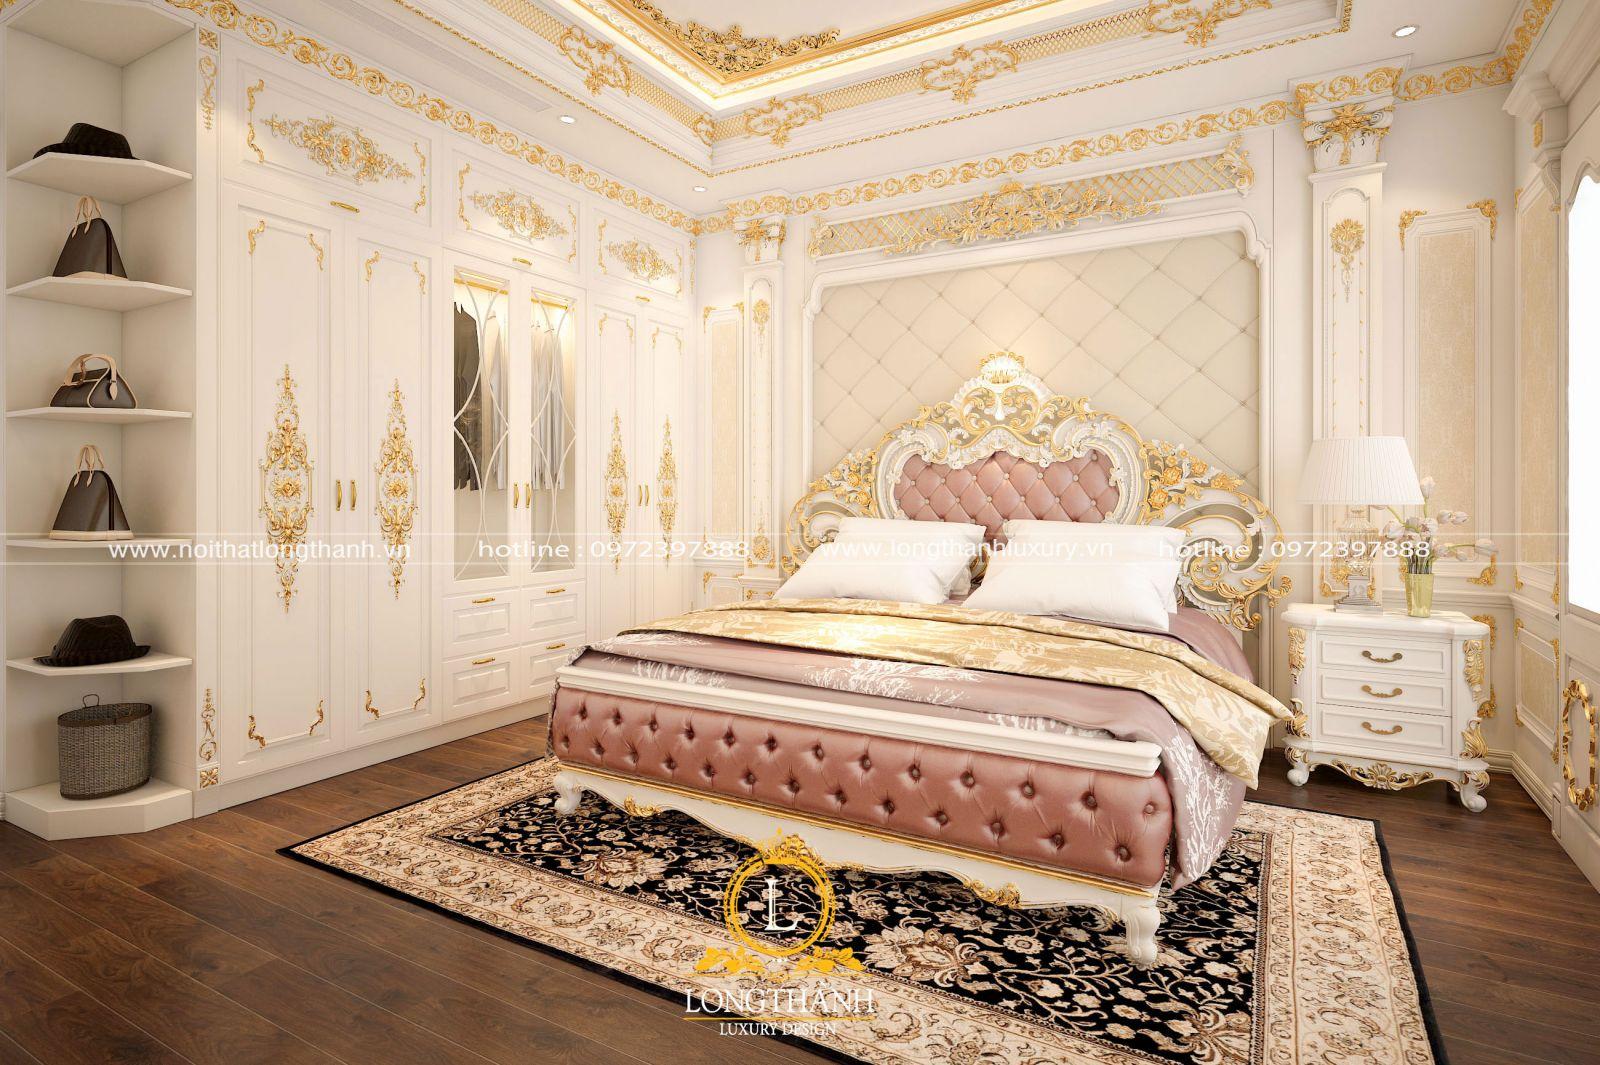 Bộ giường ngủ cho phòng ngủ cao cấp dát vàng